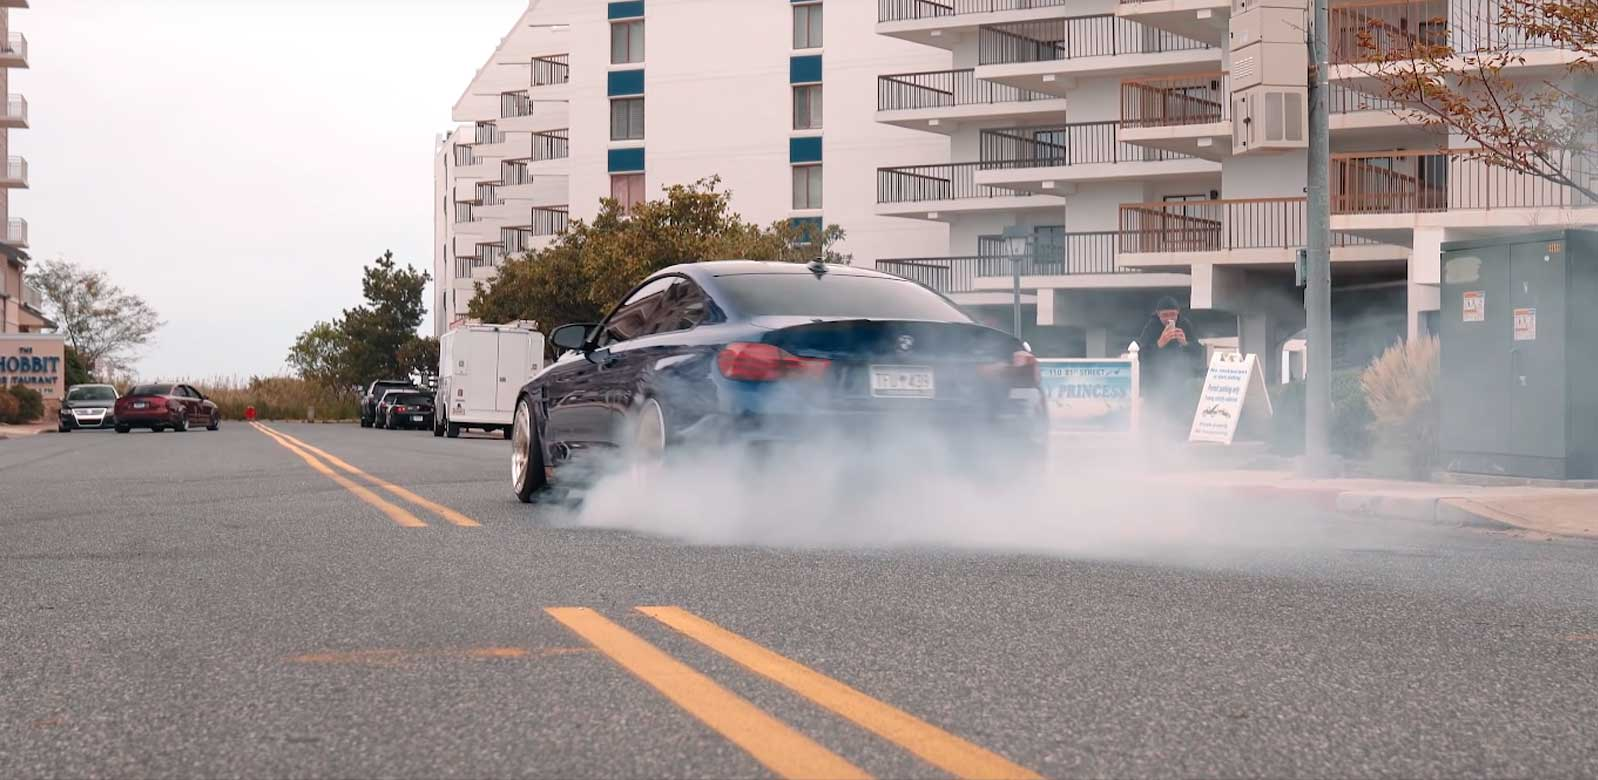 Бёрнаут на BMW